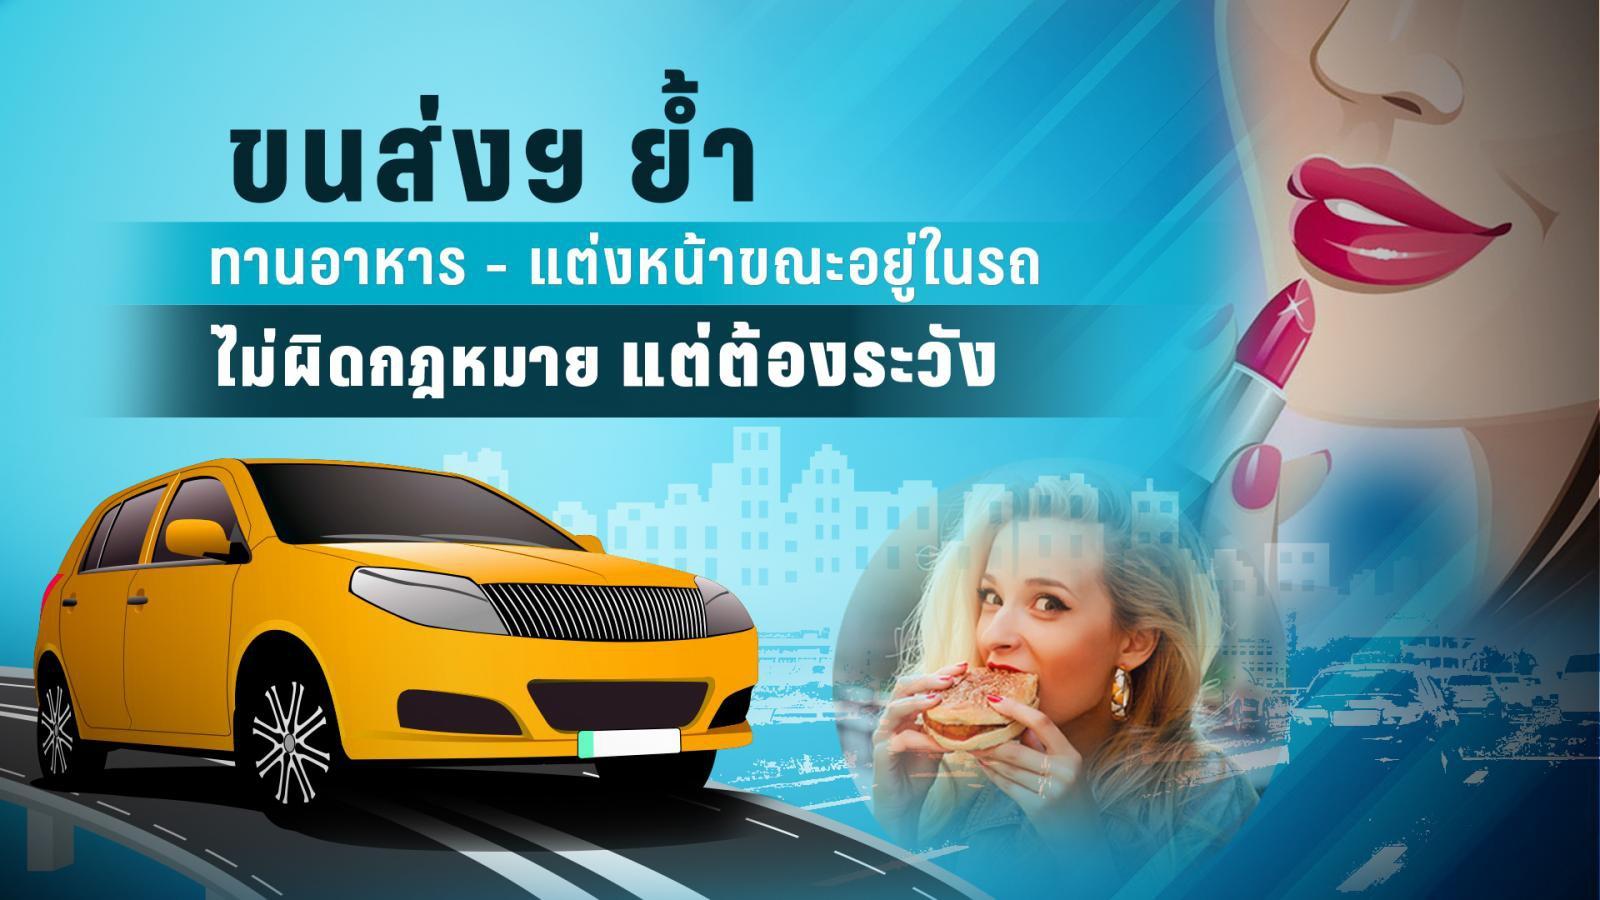 ขนส่งฯ ย้ำกินอาหาร-แต่งหน้าขณะอยู่ในรถ ไม่ผิดกฎหมาย แต่ต้องระวัง